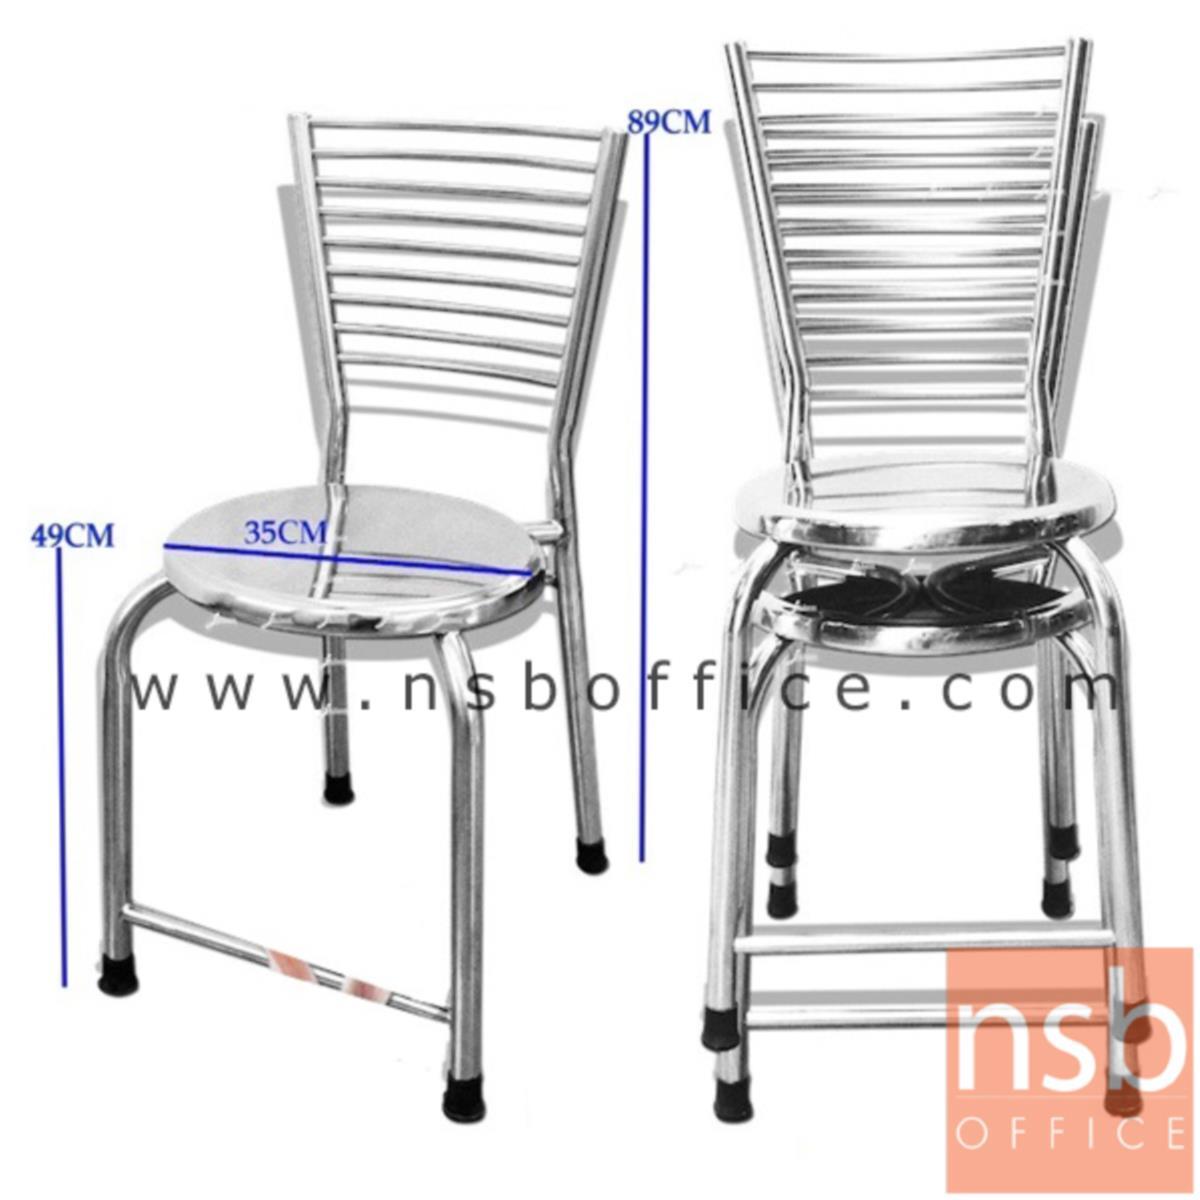 G12A204:เก้าอี้เอนกประสงค์สเตนเลส พนักพิงหลังระแนง รุ่น KJ-241